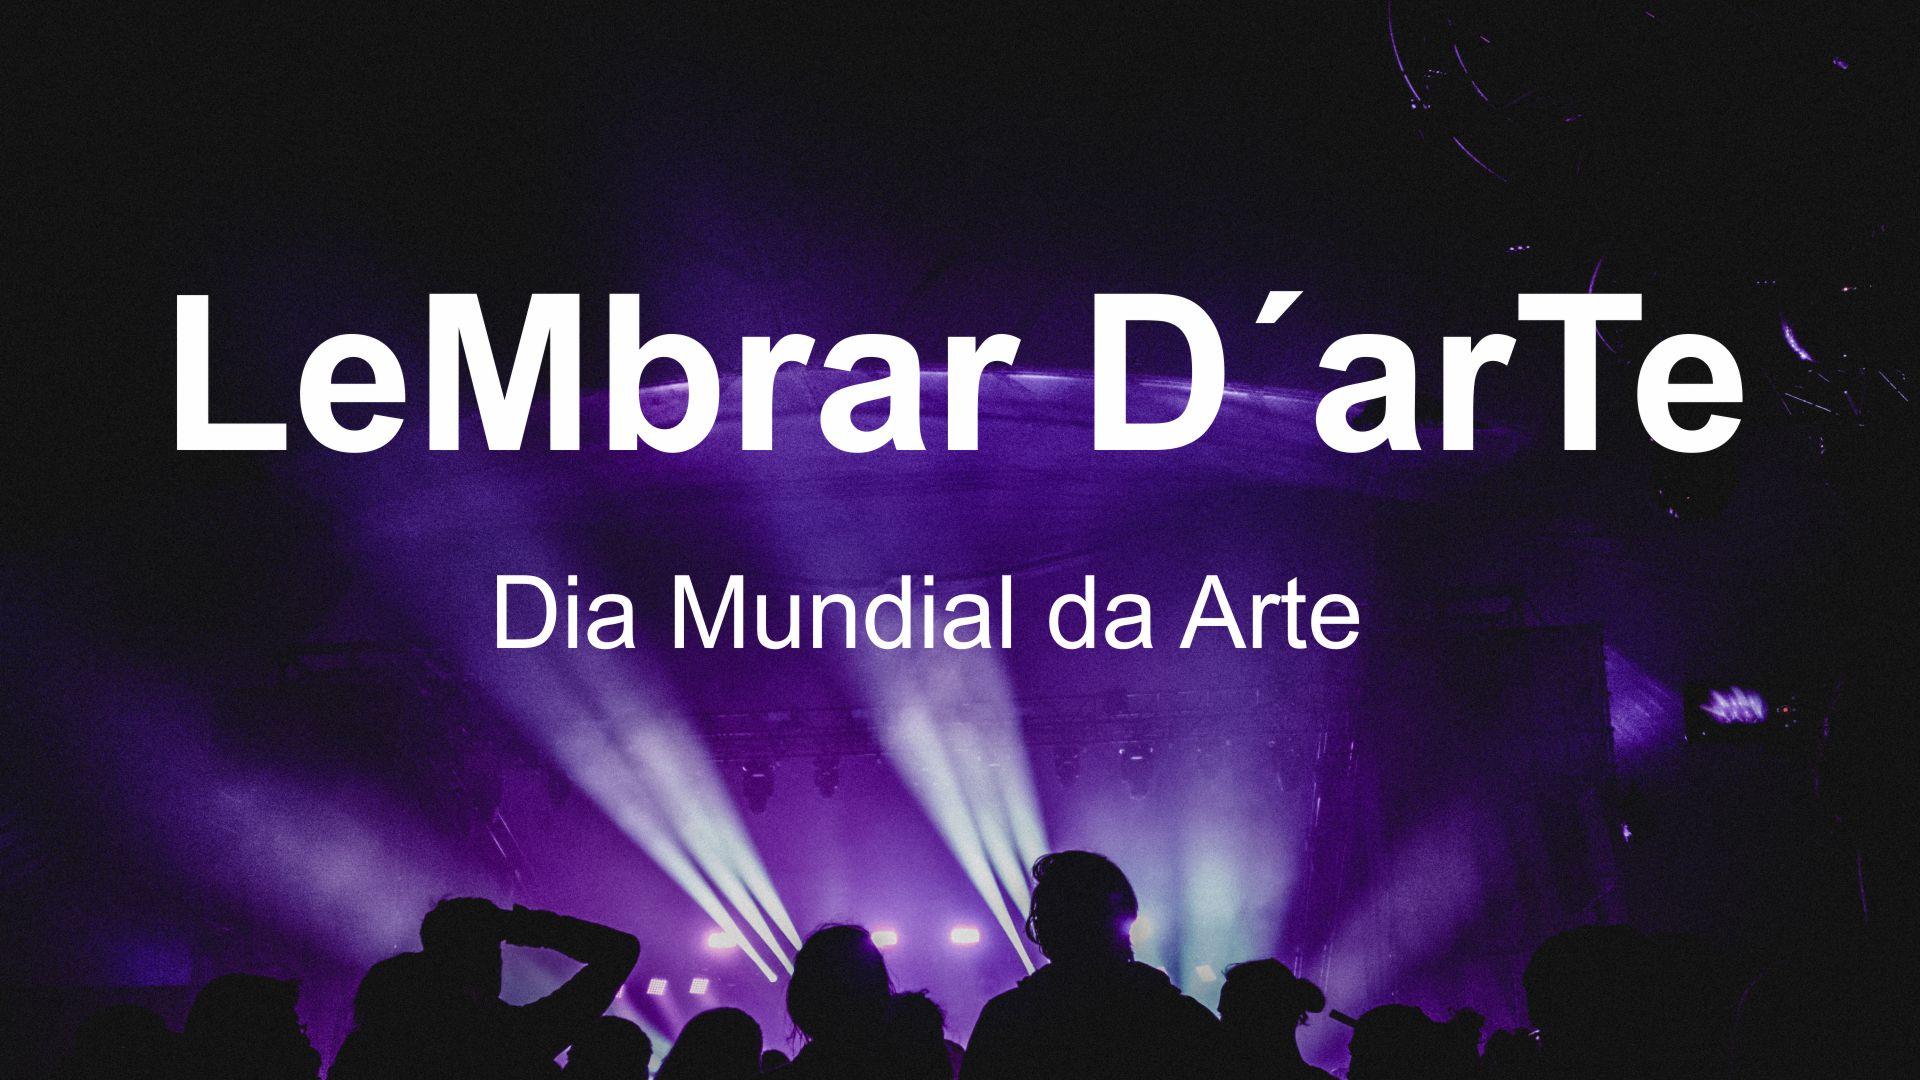 FESTA COM LIVROS 2021 – Dia Mundial da Arte